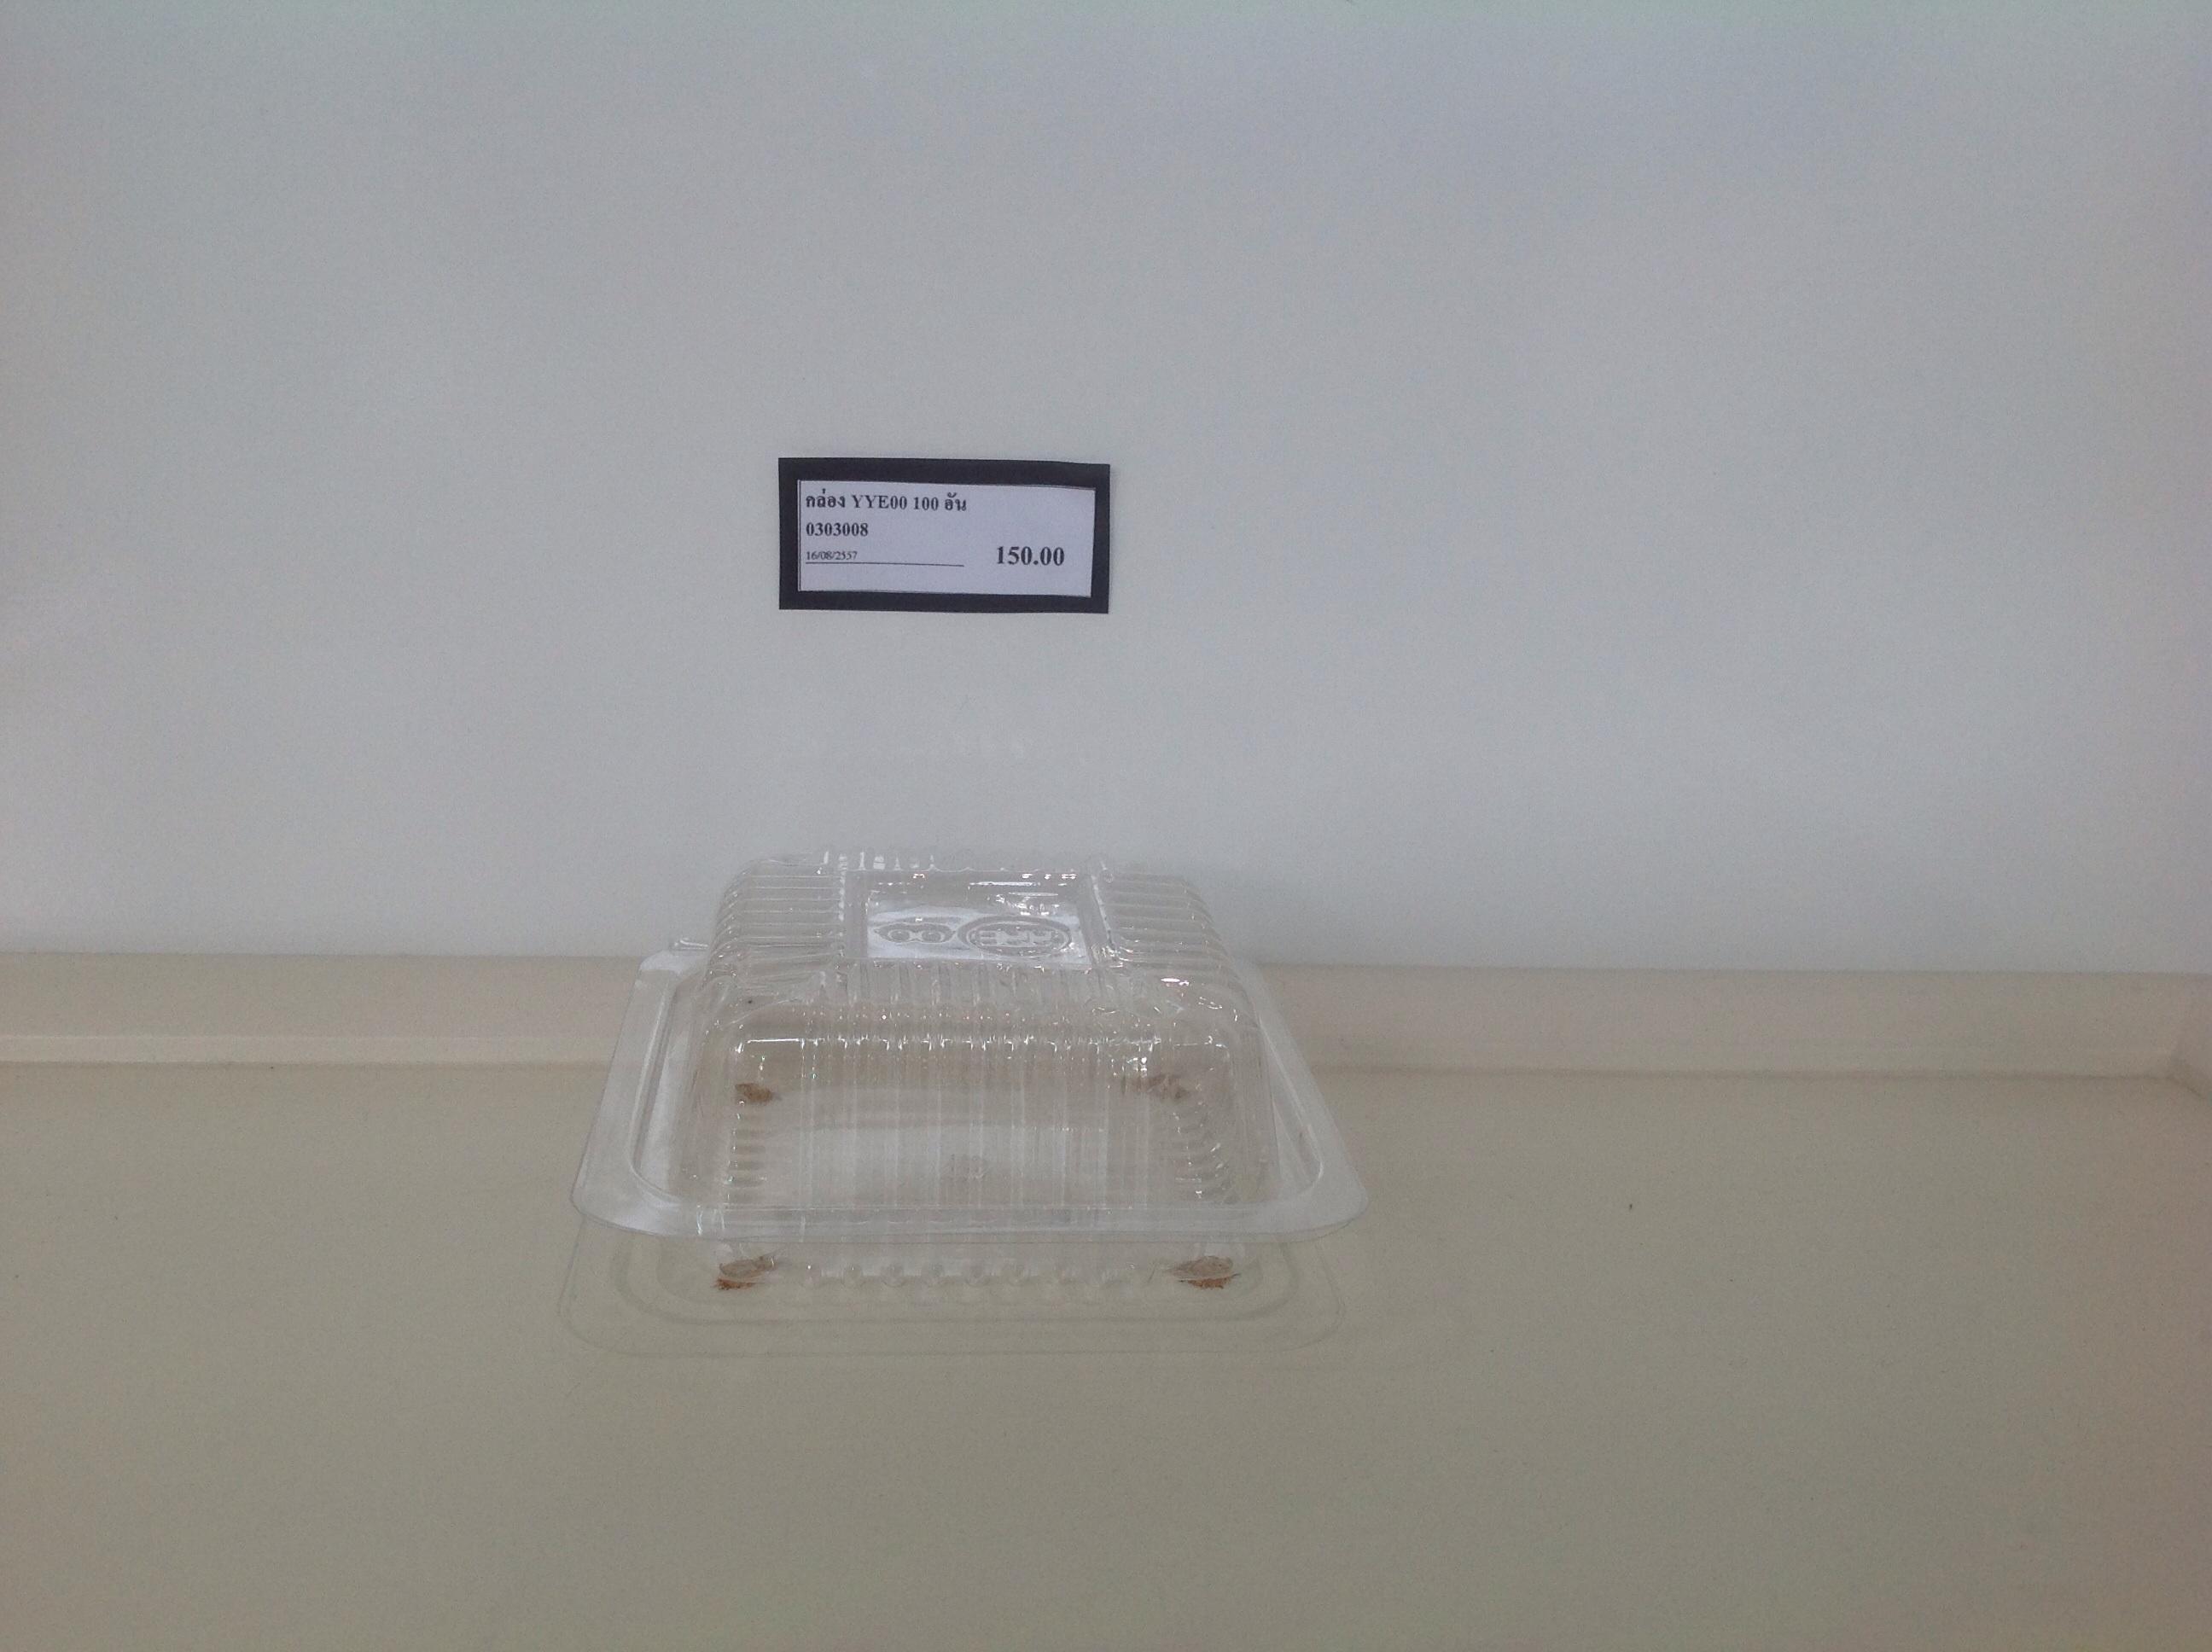 กล่อง YYE00 กว้าง 8 ซม ยาว 8 ซม สูง 2 ซม.